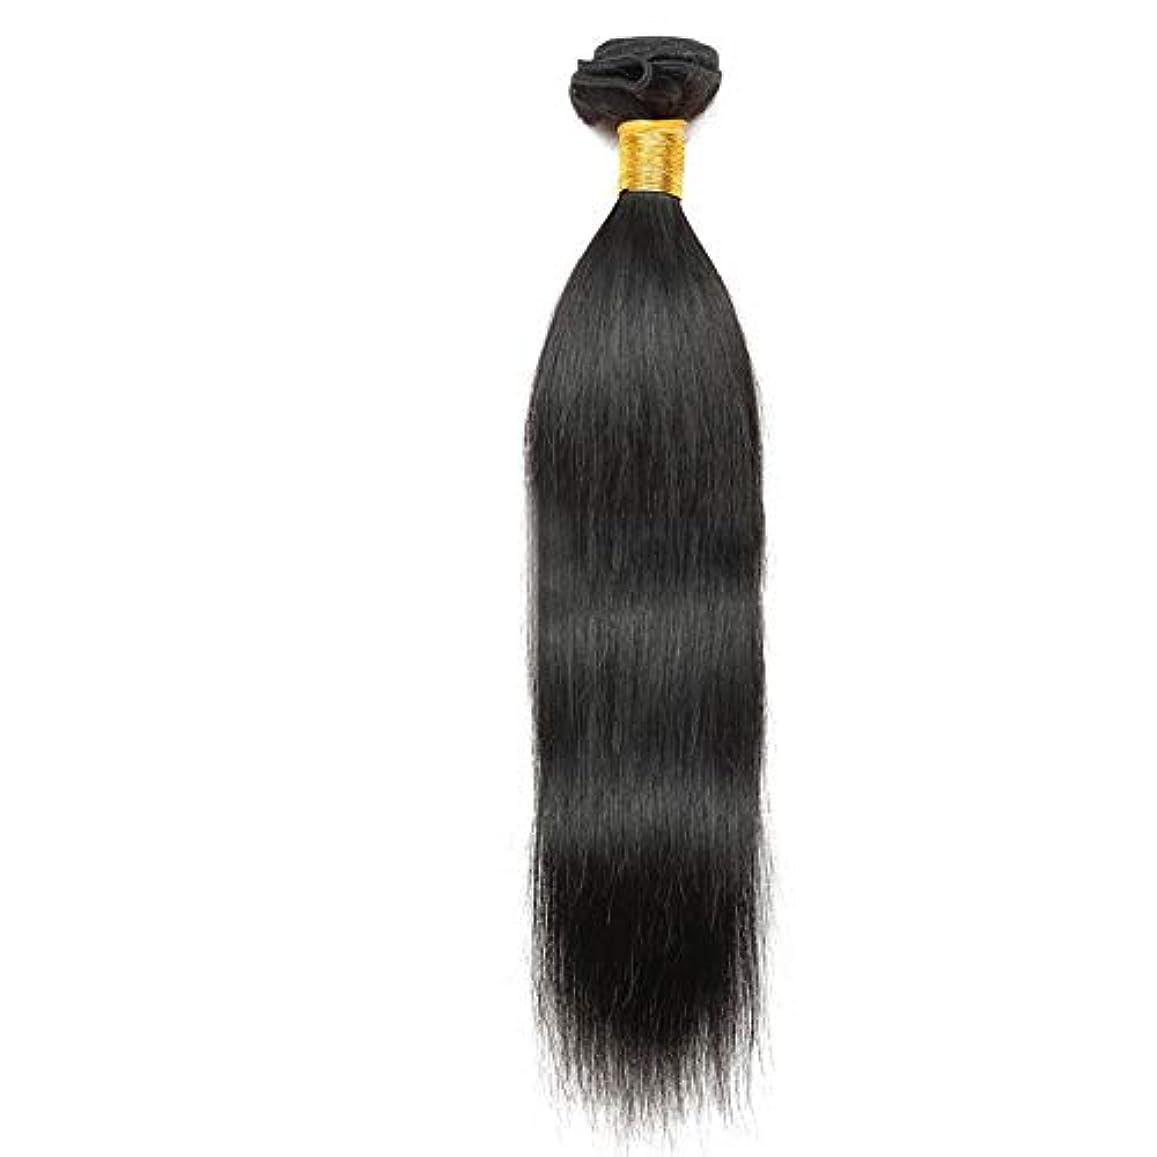 苦ミトン差WASAIO ブラジルの髪ストレート人間織りブラジルシルキーリアルな色の10インチ?26インチ1バンドル (色 : 黒, サイズ : 14 inch)